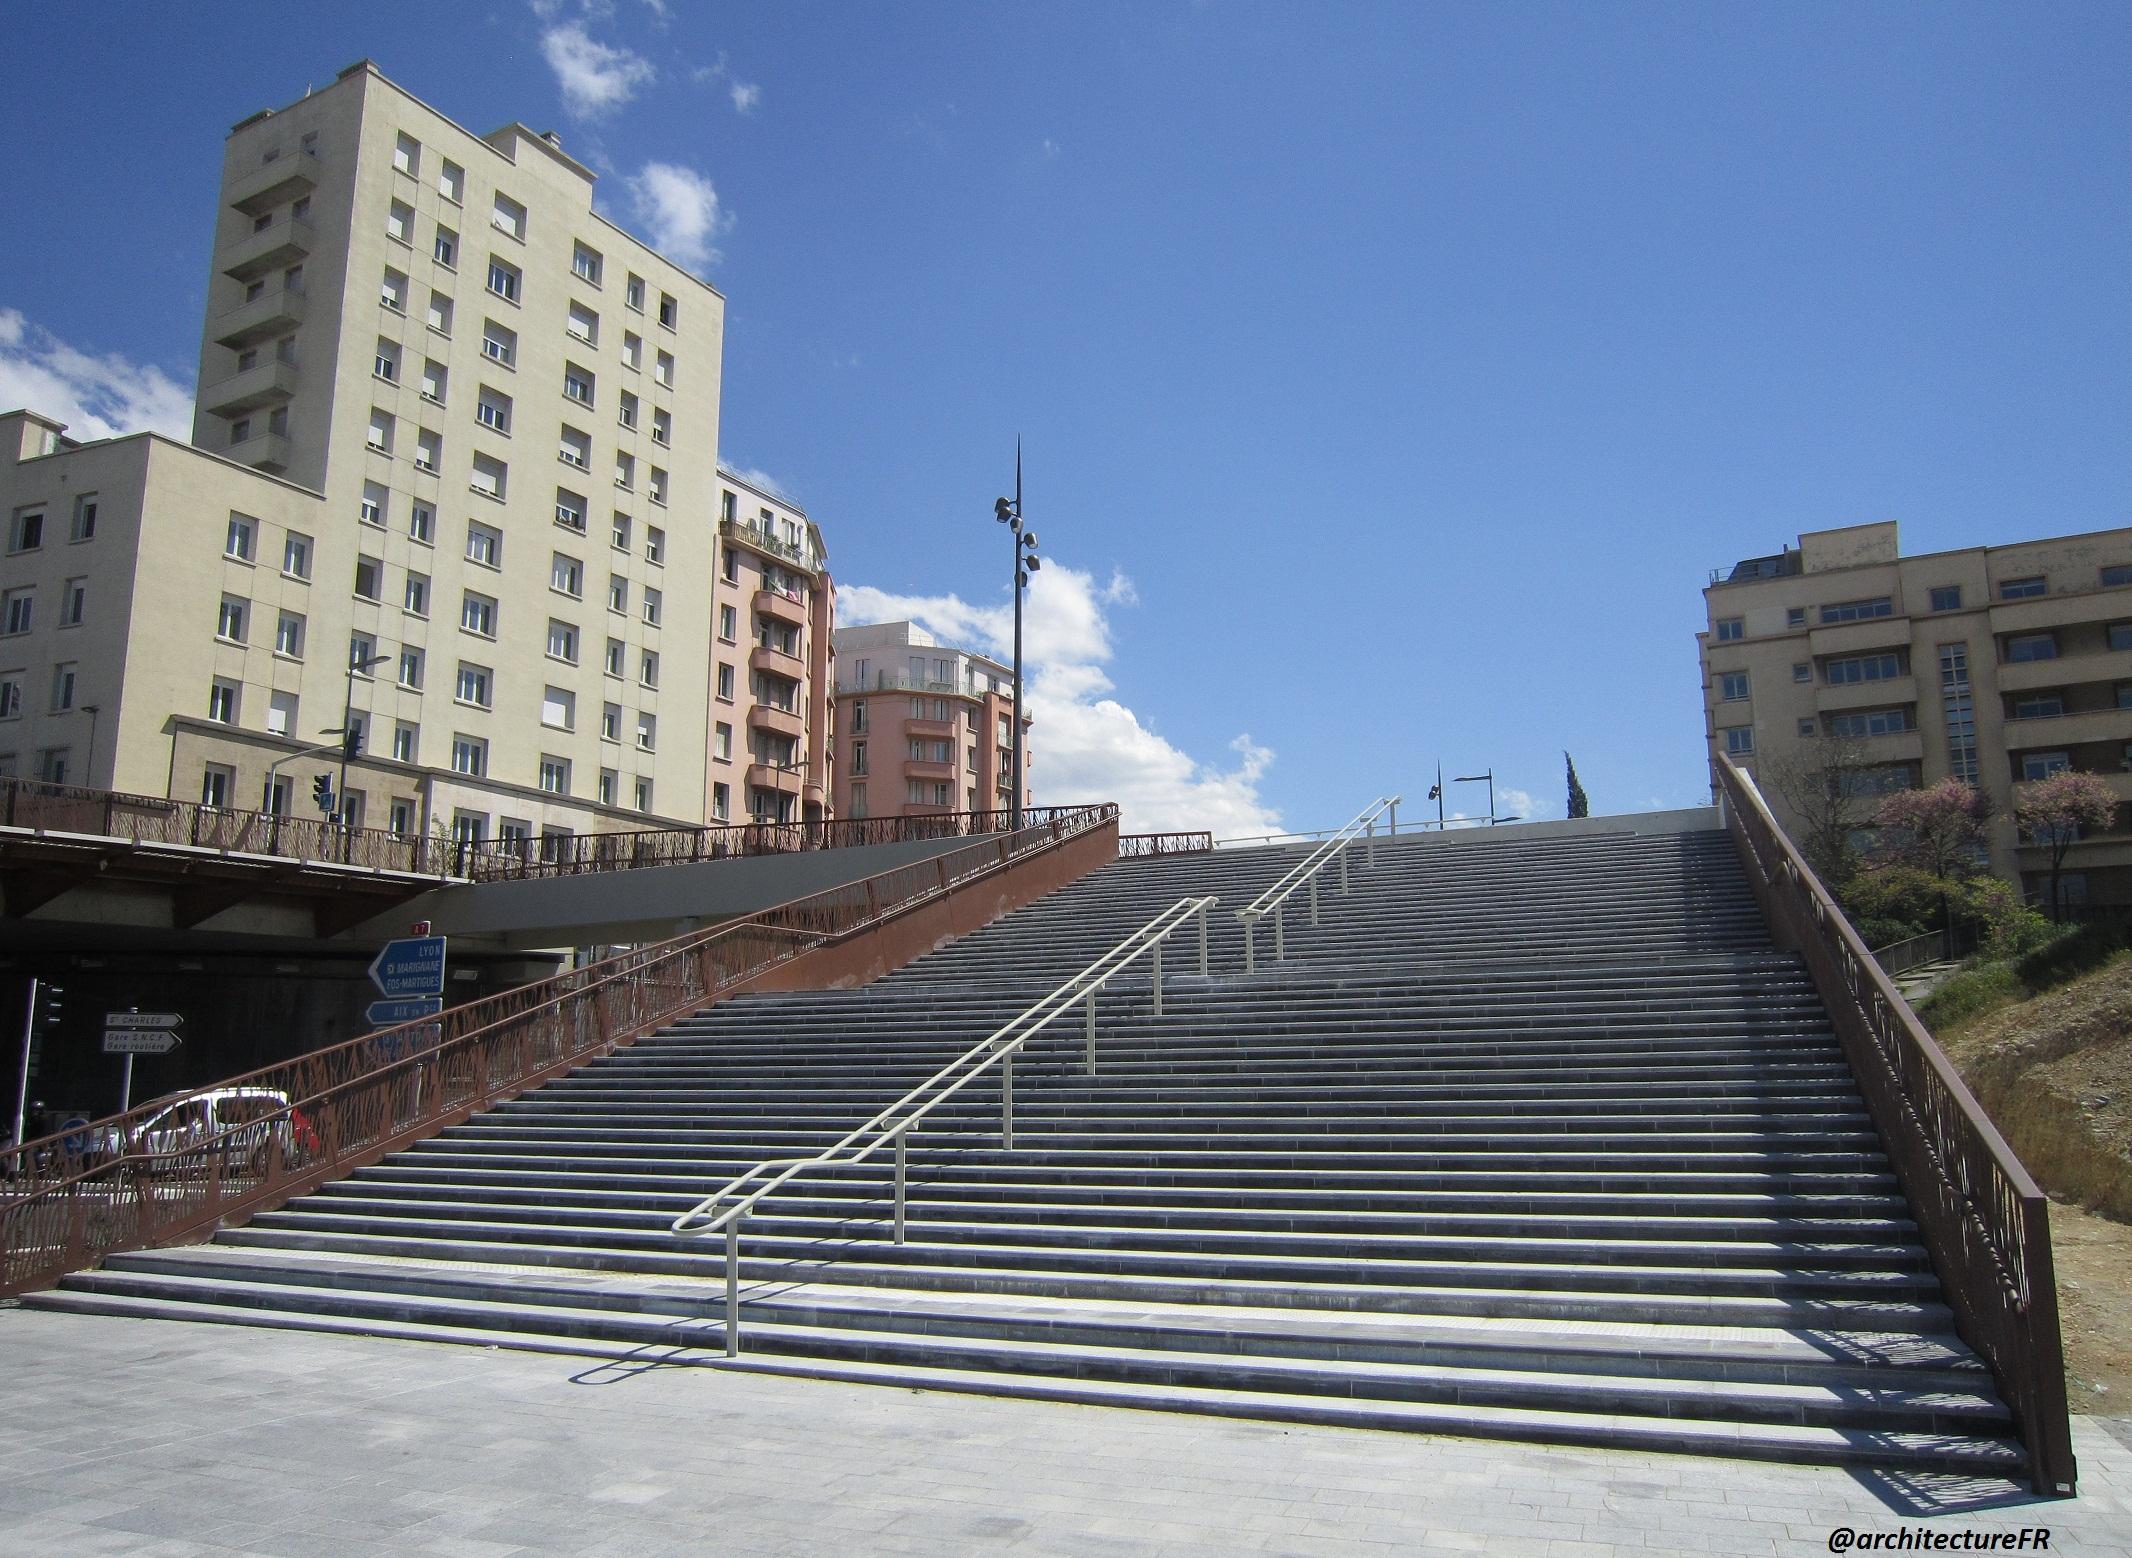 Une nouvelle entr e de ville apais e marseille saint charles for Escalier helicoidale marseille